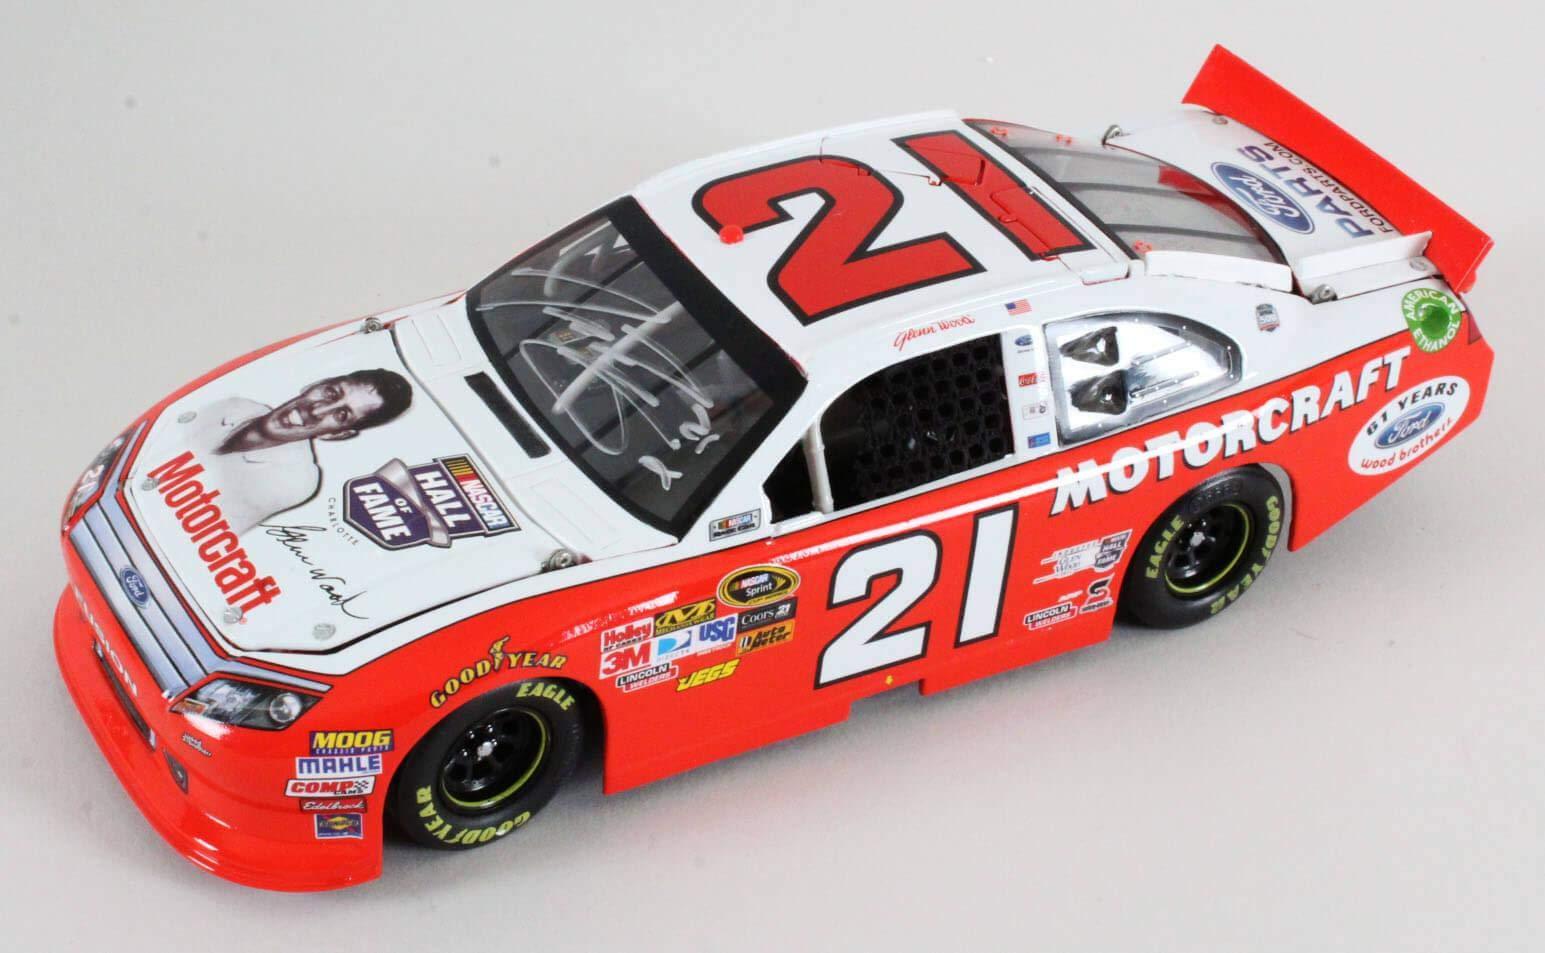 Trevor Bayne Signed Die Cast Car NASCAR COA JSA Certified Autographed Diecast Cars